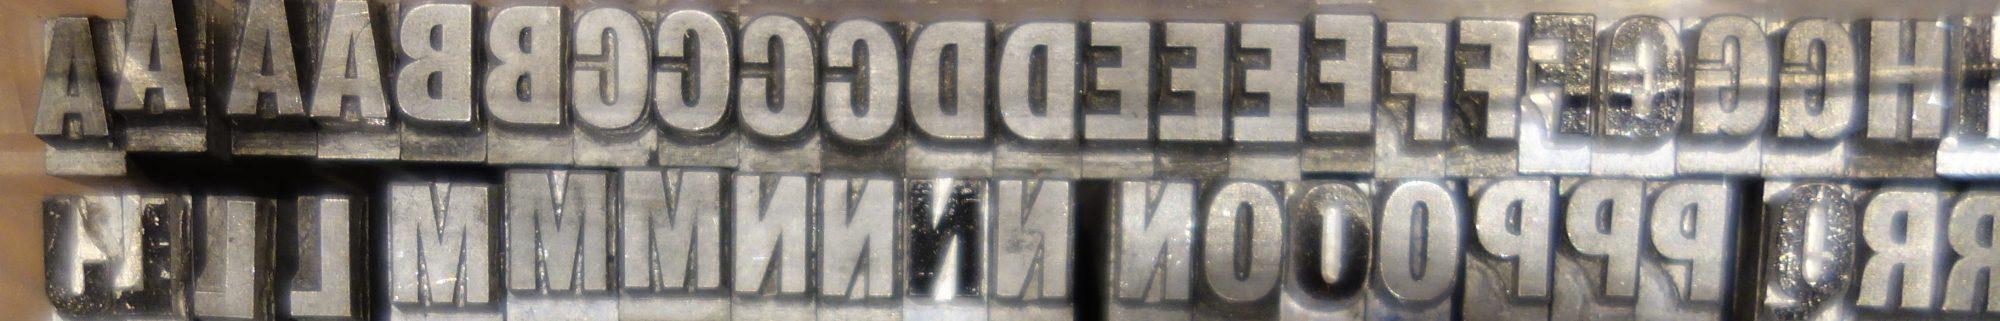 www.LetterWork.co.uk